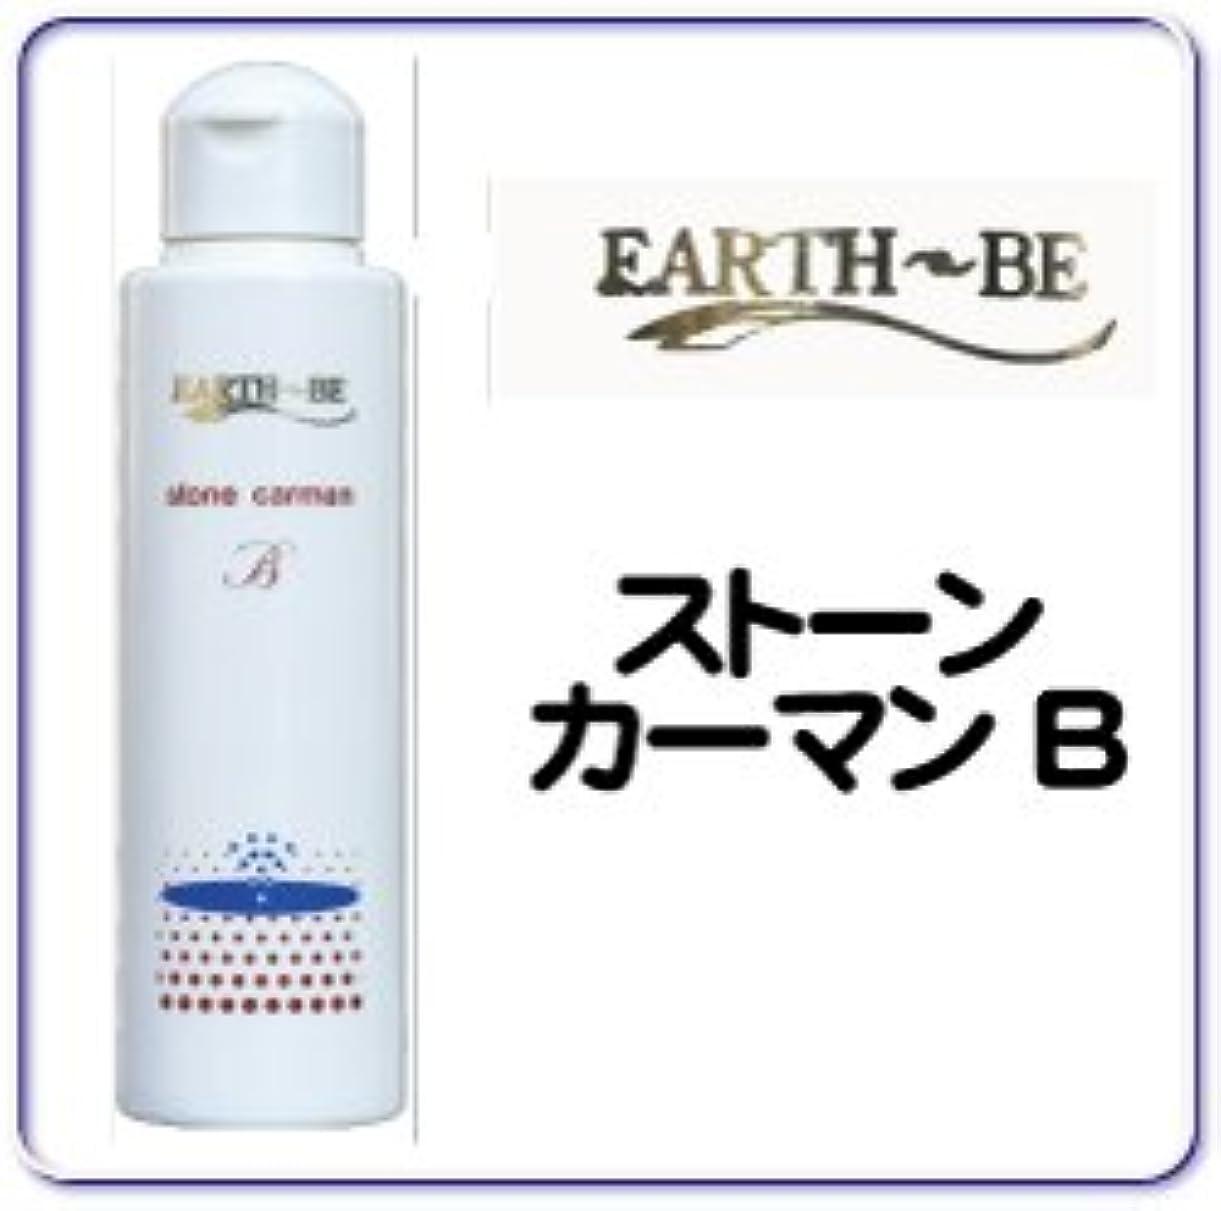 発明変換かりてベルマン化粧品 EARTH-Bシリーズ  アースビ ストーン カーマンB  120ml 化粧水